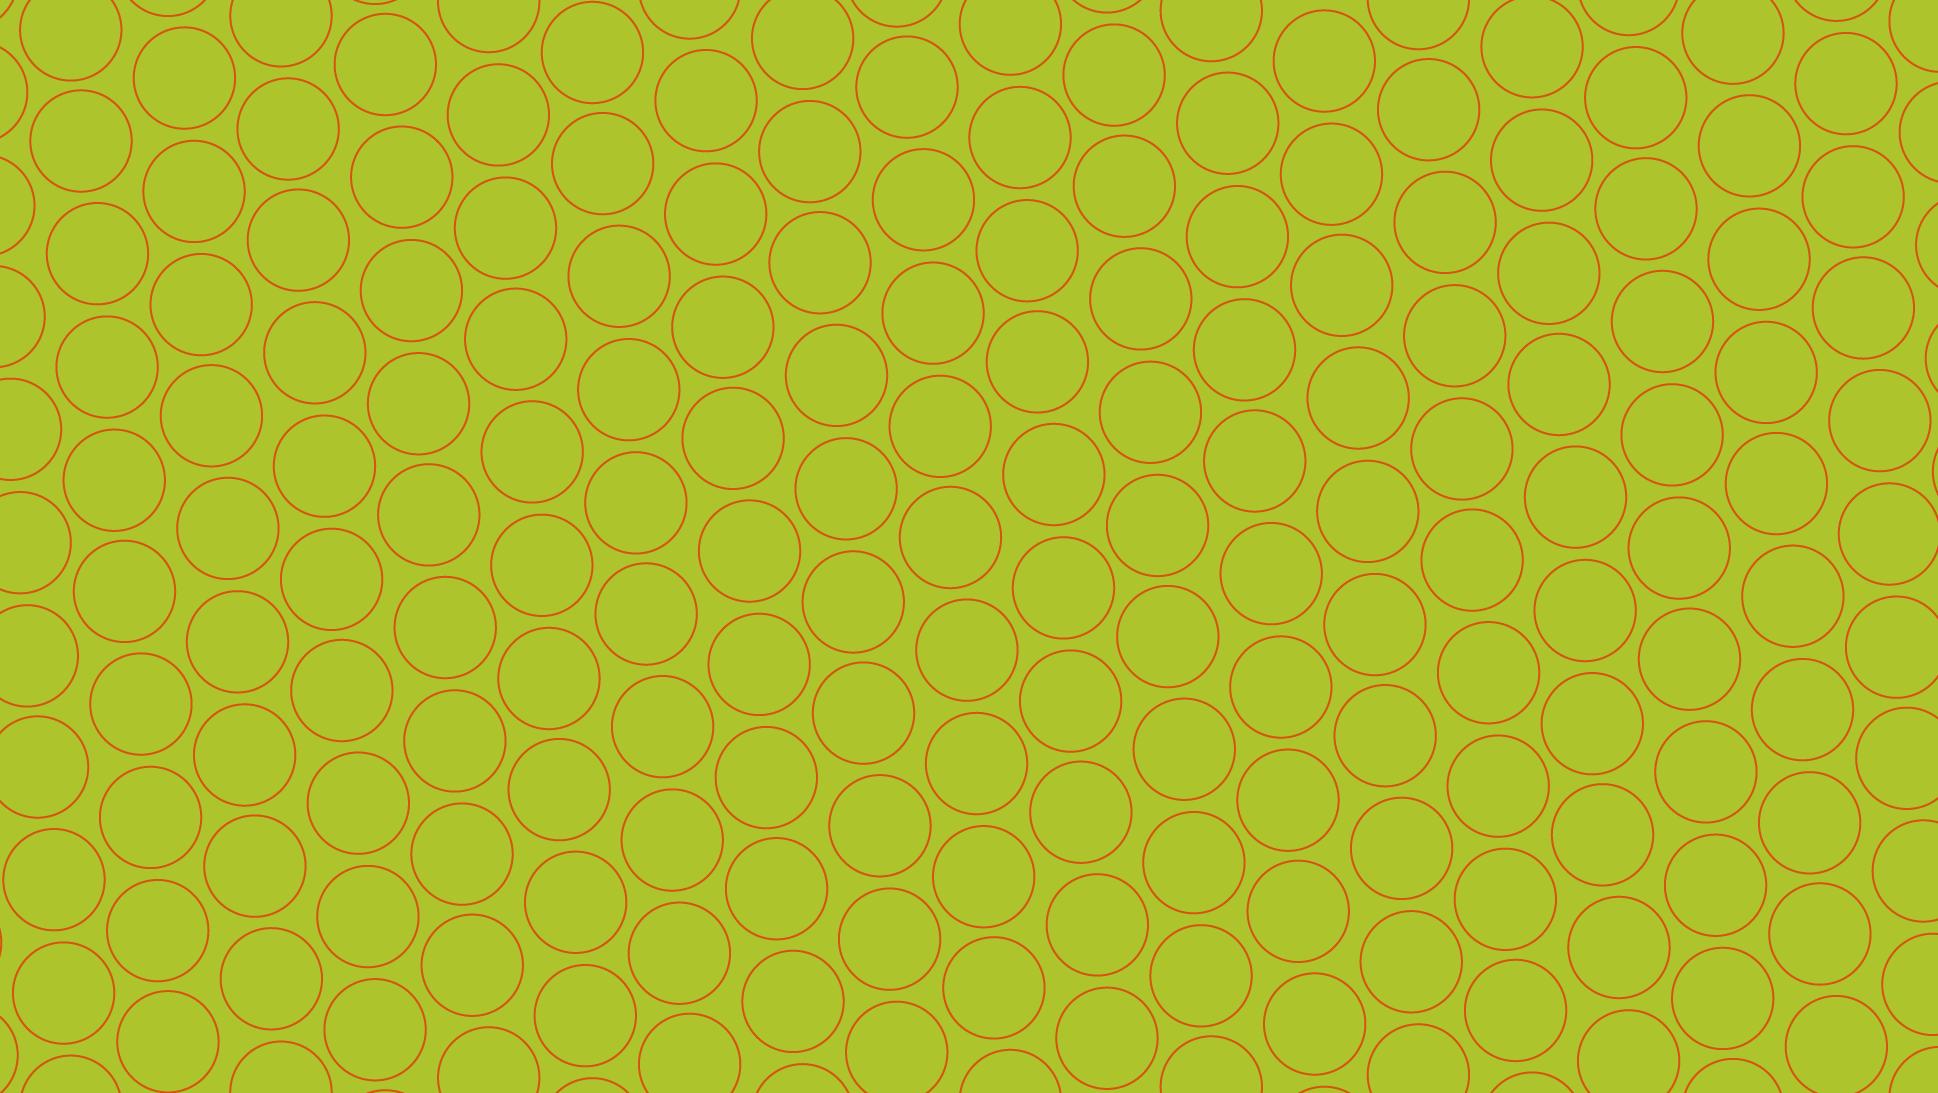 orangeOnGreen.png